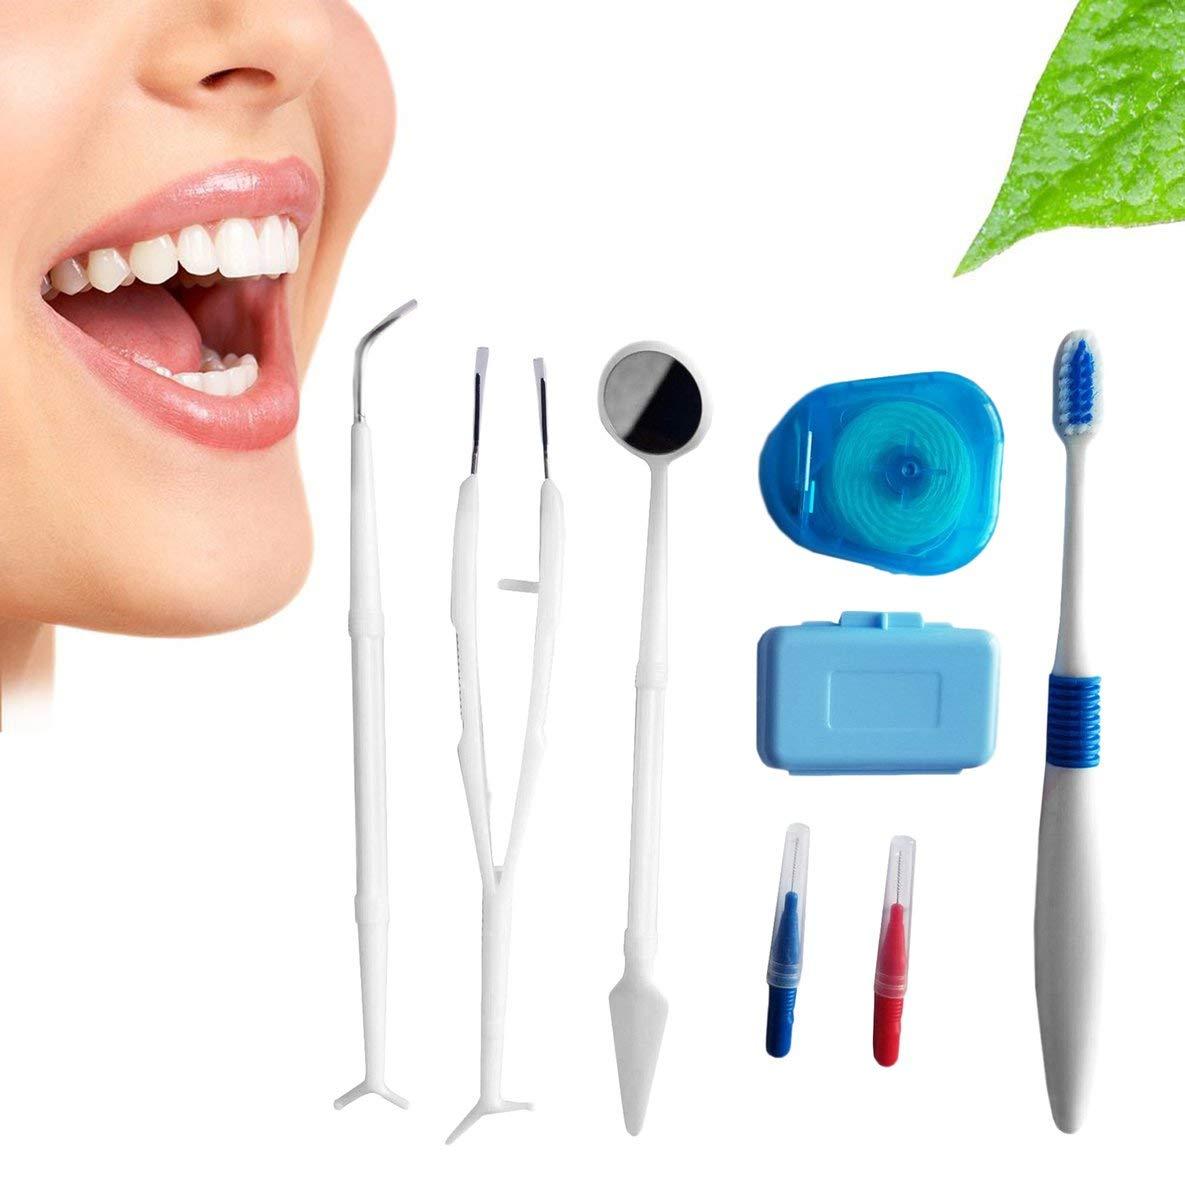 Cuidado dental Cepillo de dientes Kit de dientes de ortodoncia Cepillo de dientes Cepillo interdental: Amazon.es: Salud y cuidado personal